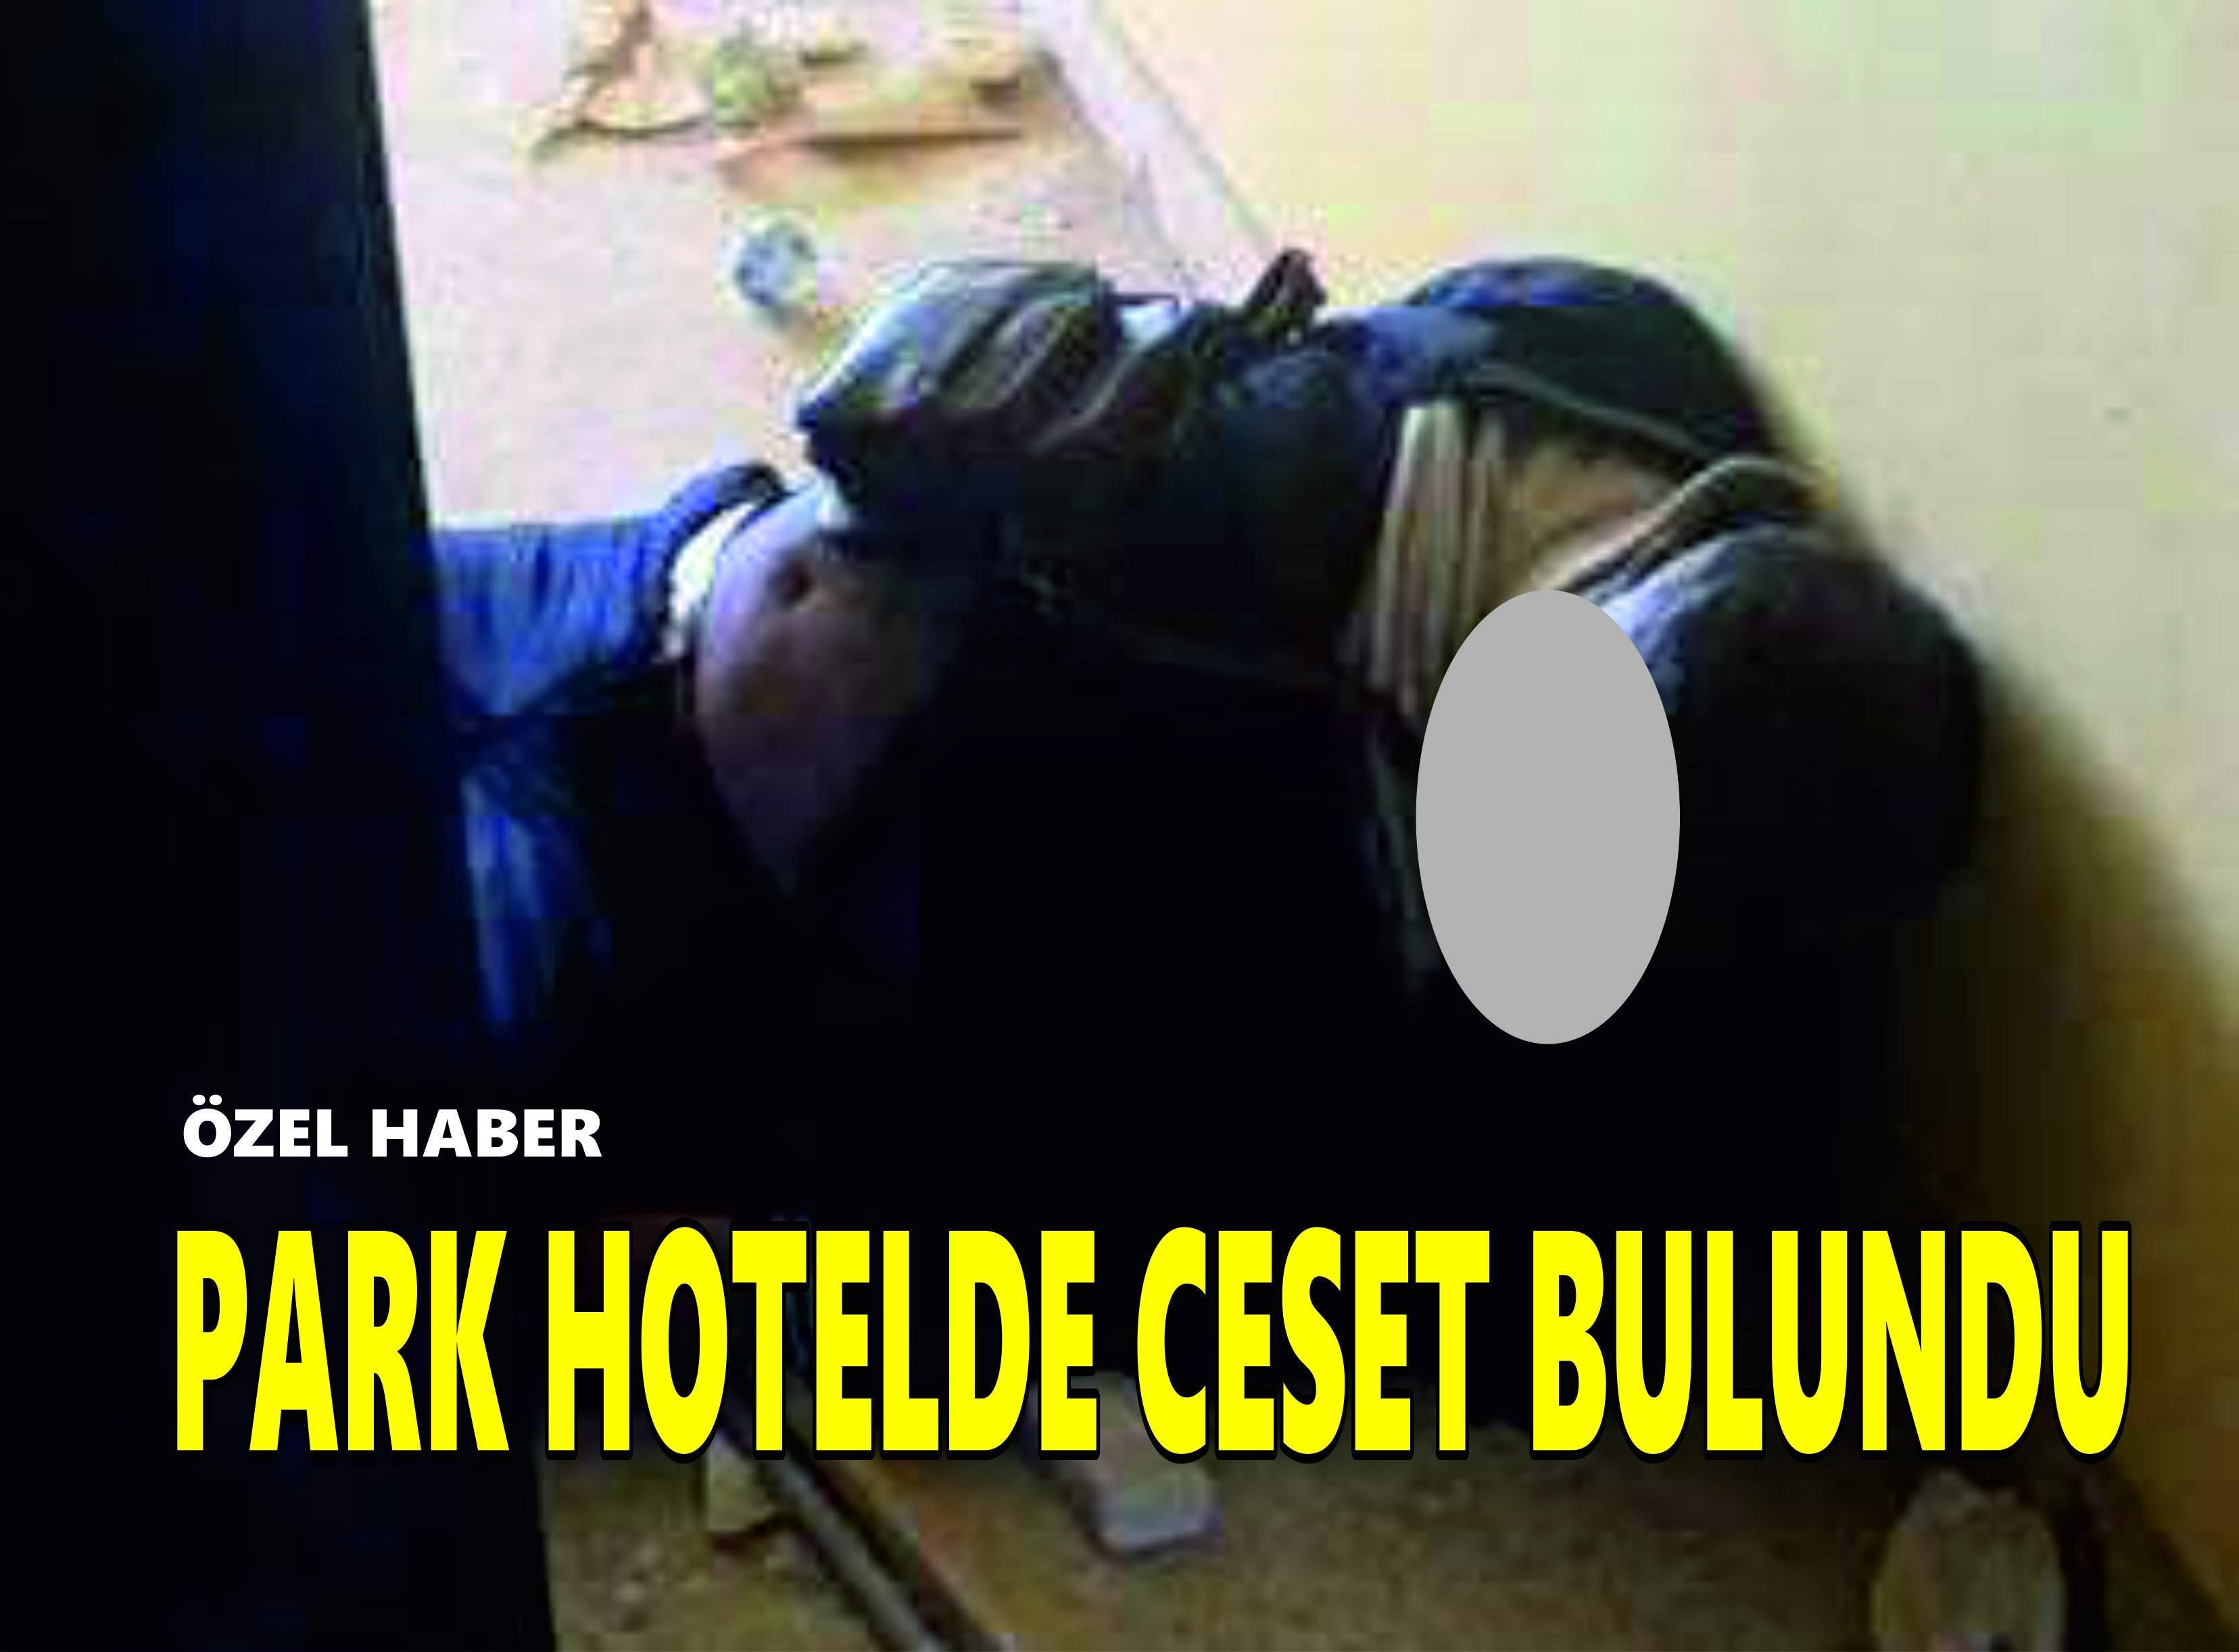 PARK HOTELDE CESET BULUNDU